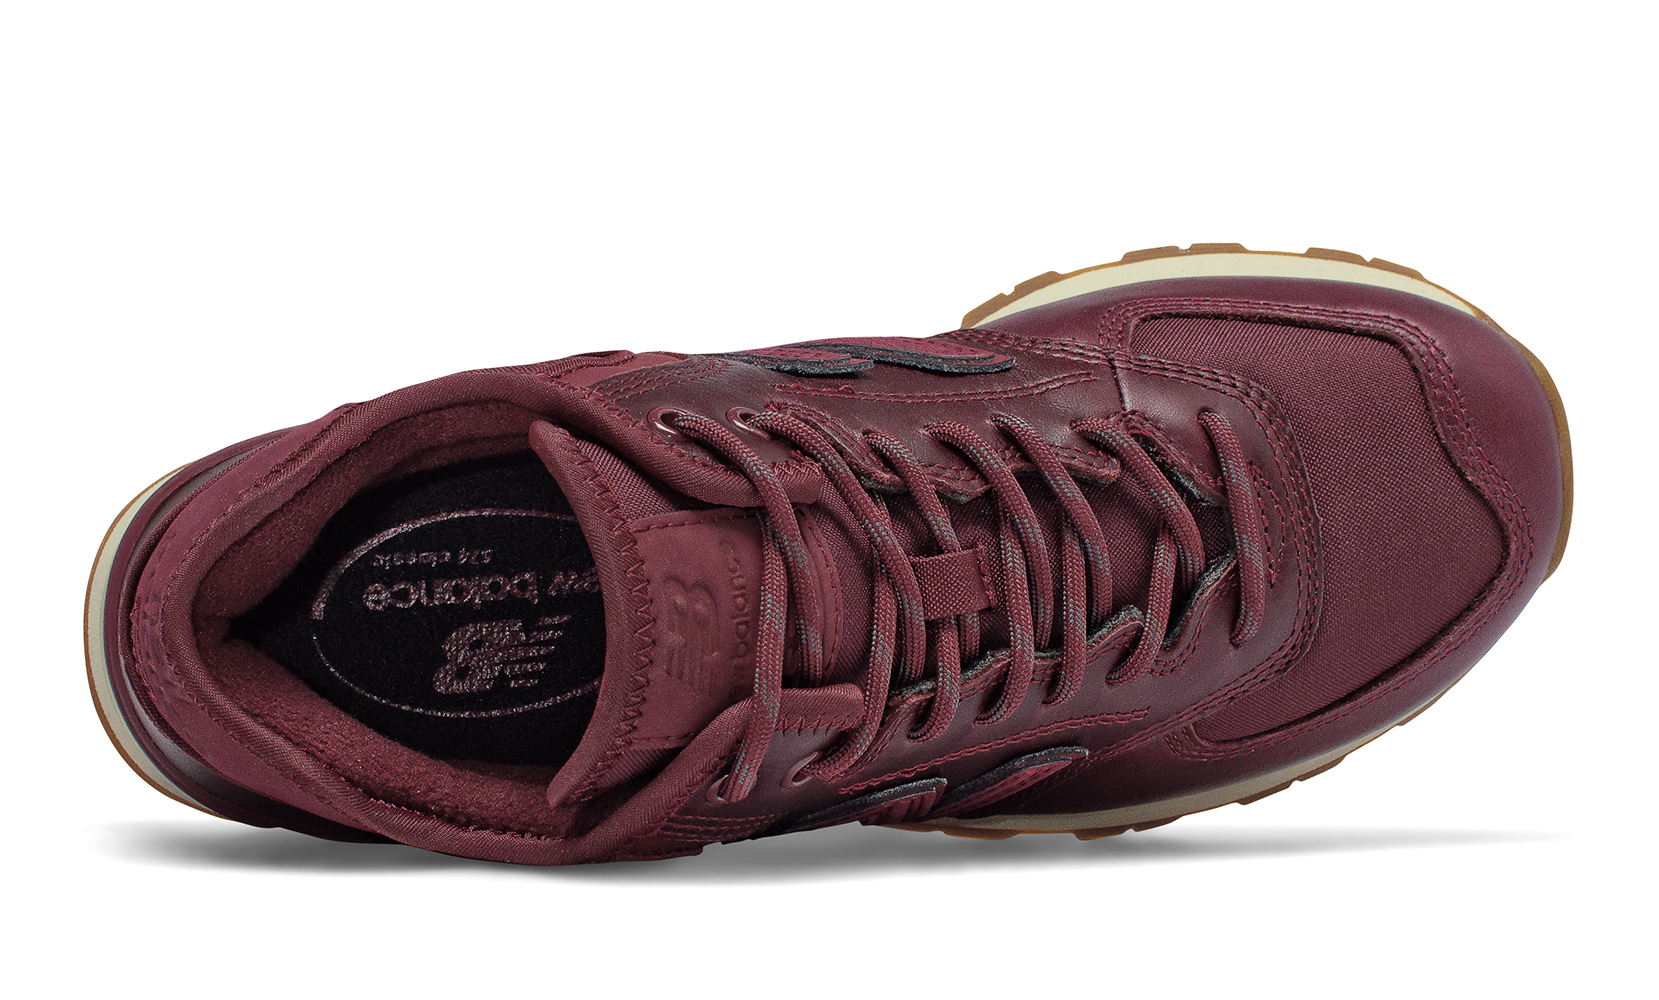 Жіноче взуття повсякденне New Balance 574 Mid WH574BC | New Balance